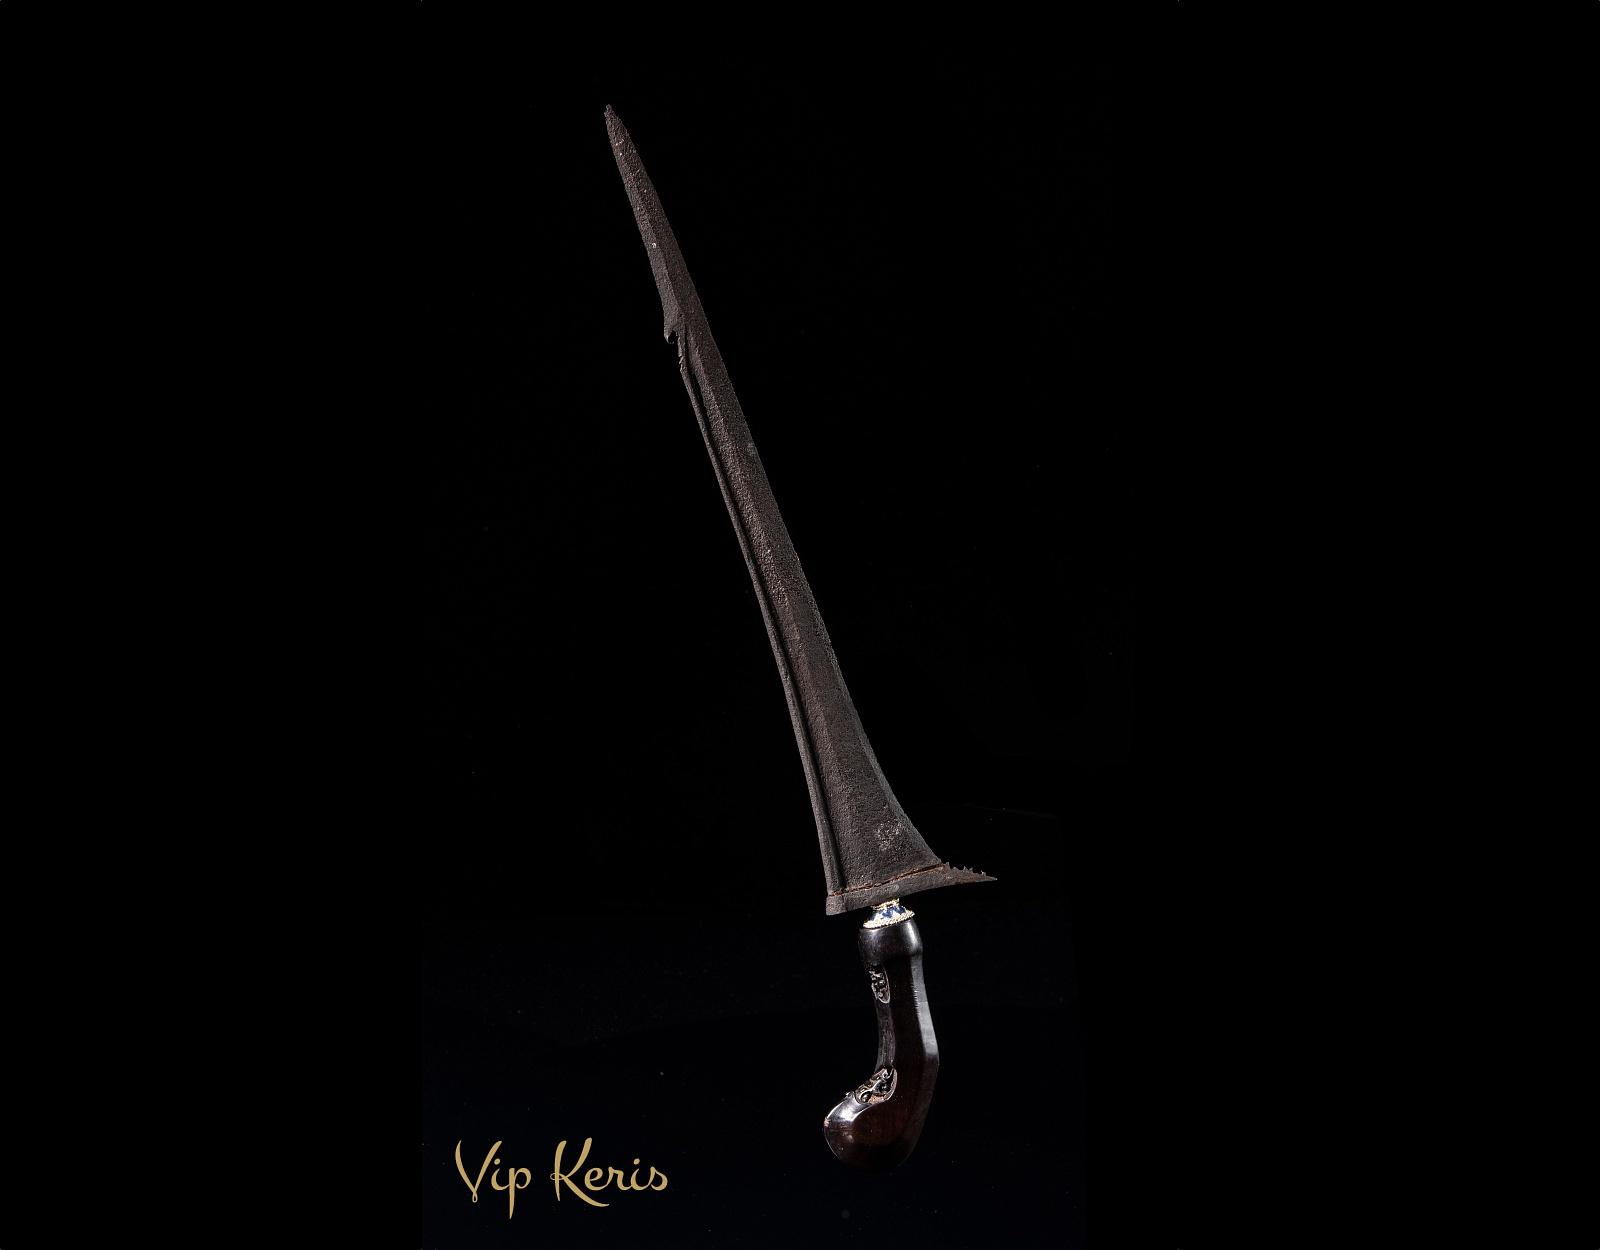 Крис Kebo Kantong, гильдия двергов фото VipKeris